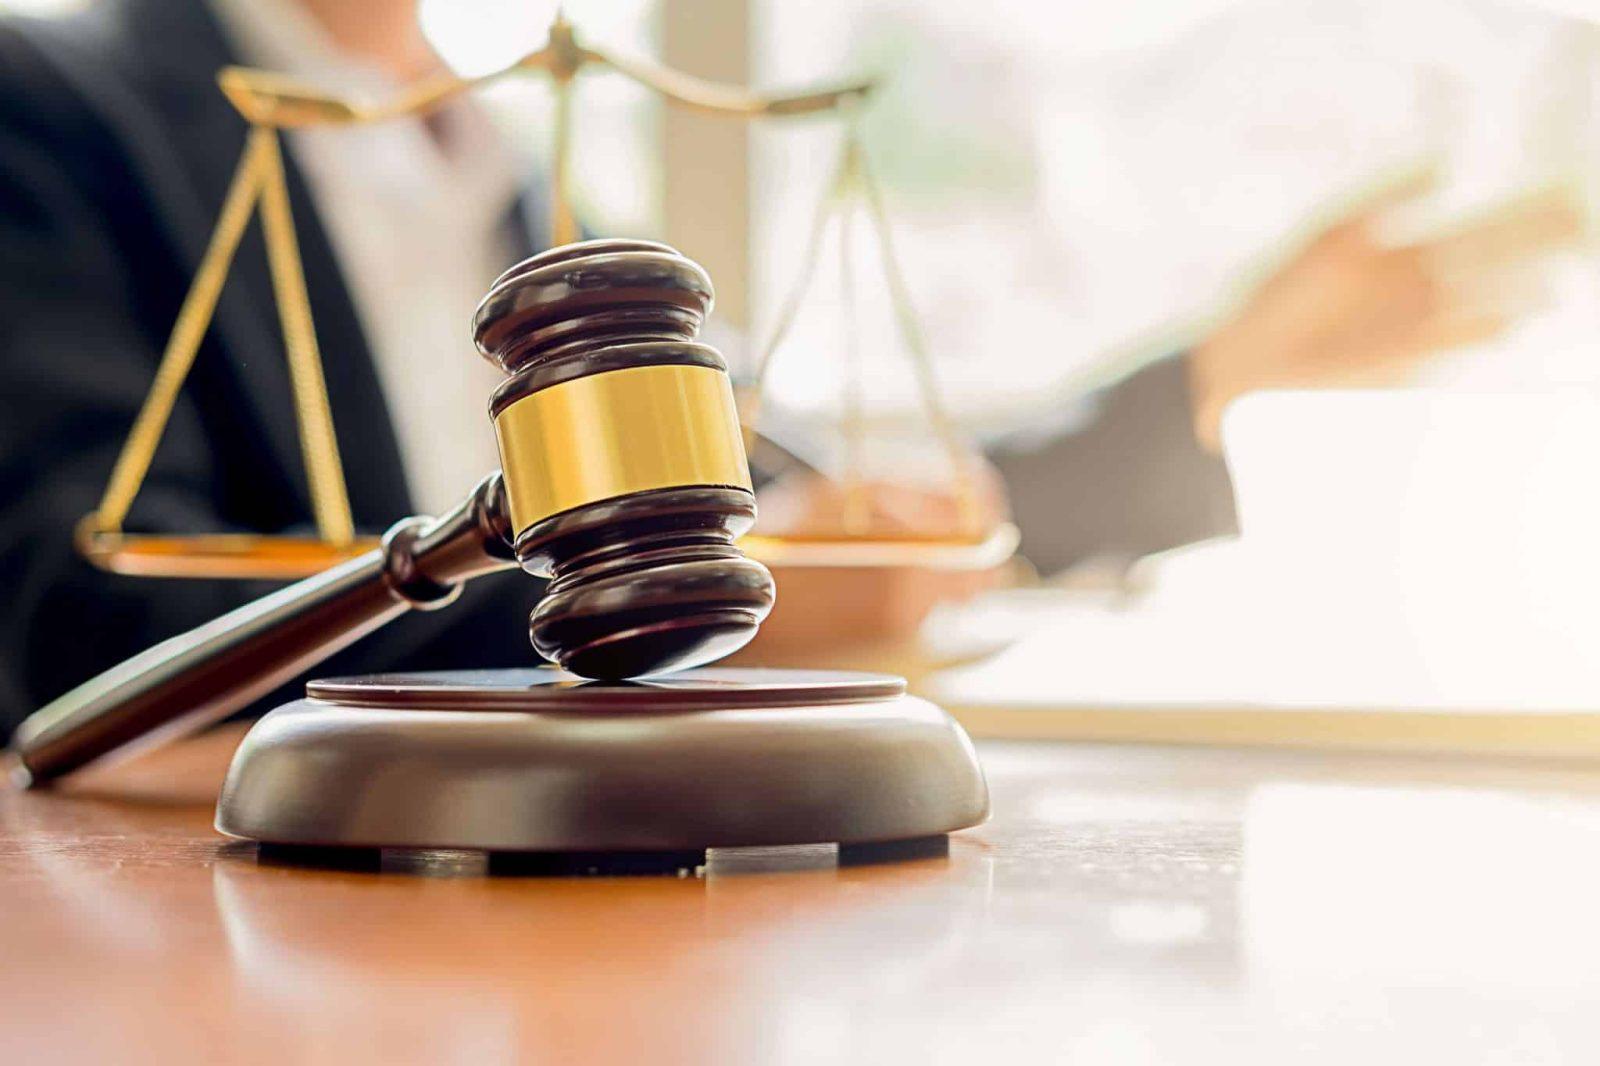 מה החוק אומר לגבי הבאת סוכן ביטוח פרטי לעבודה, הבאת סוכן ביטוח פרטי לעבודה